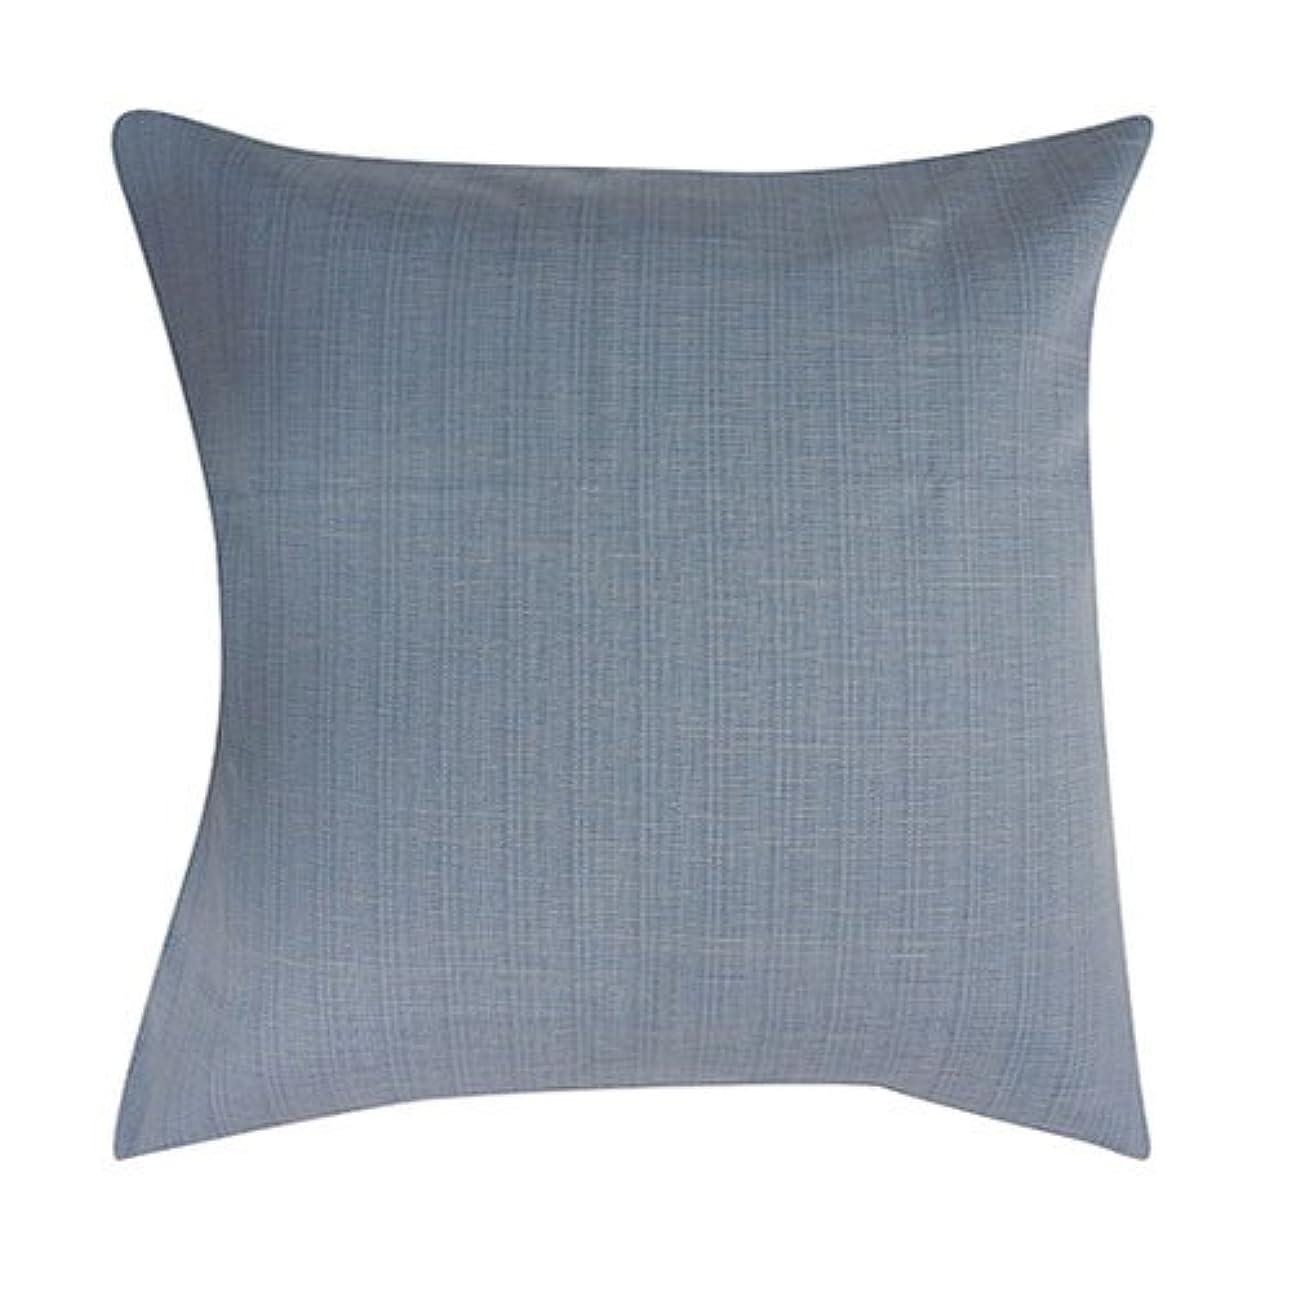 周囲までストレスの多いIKS COLLECTION 座布団カバー オーク 上質 モダン 日本製 ブルー 55x59 柄 55516870